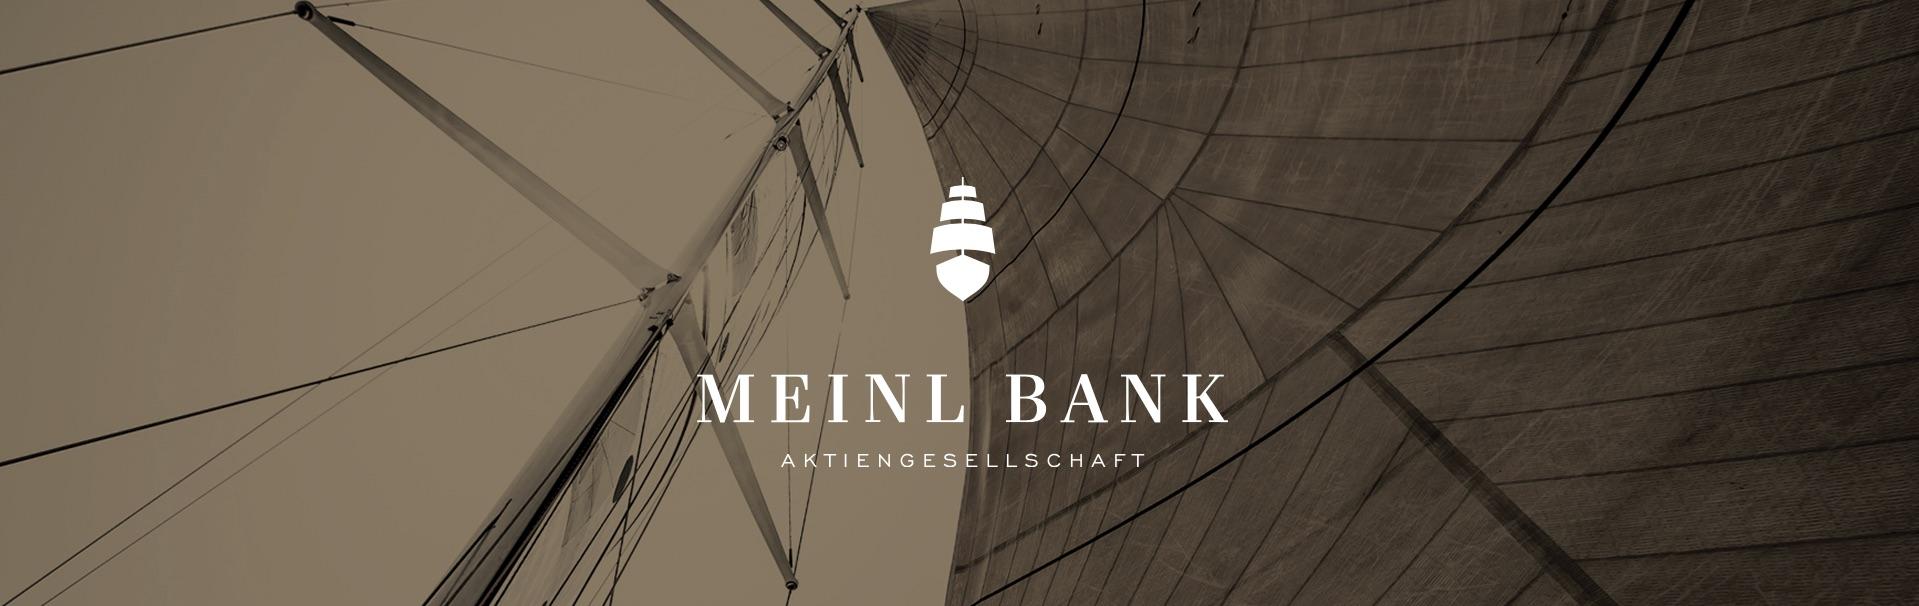 MEINL-BANK-02